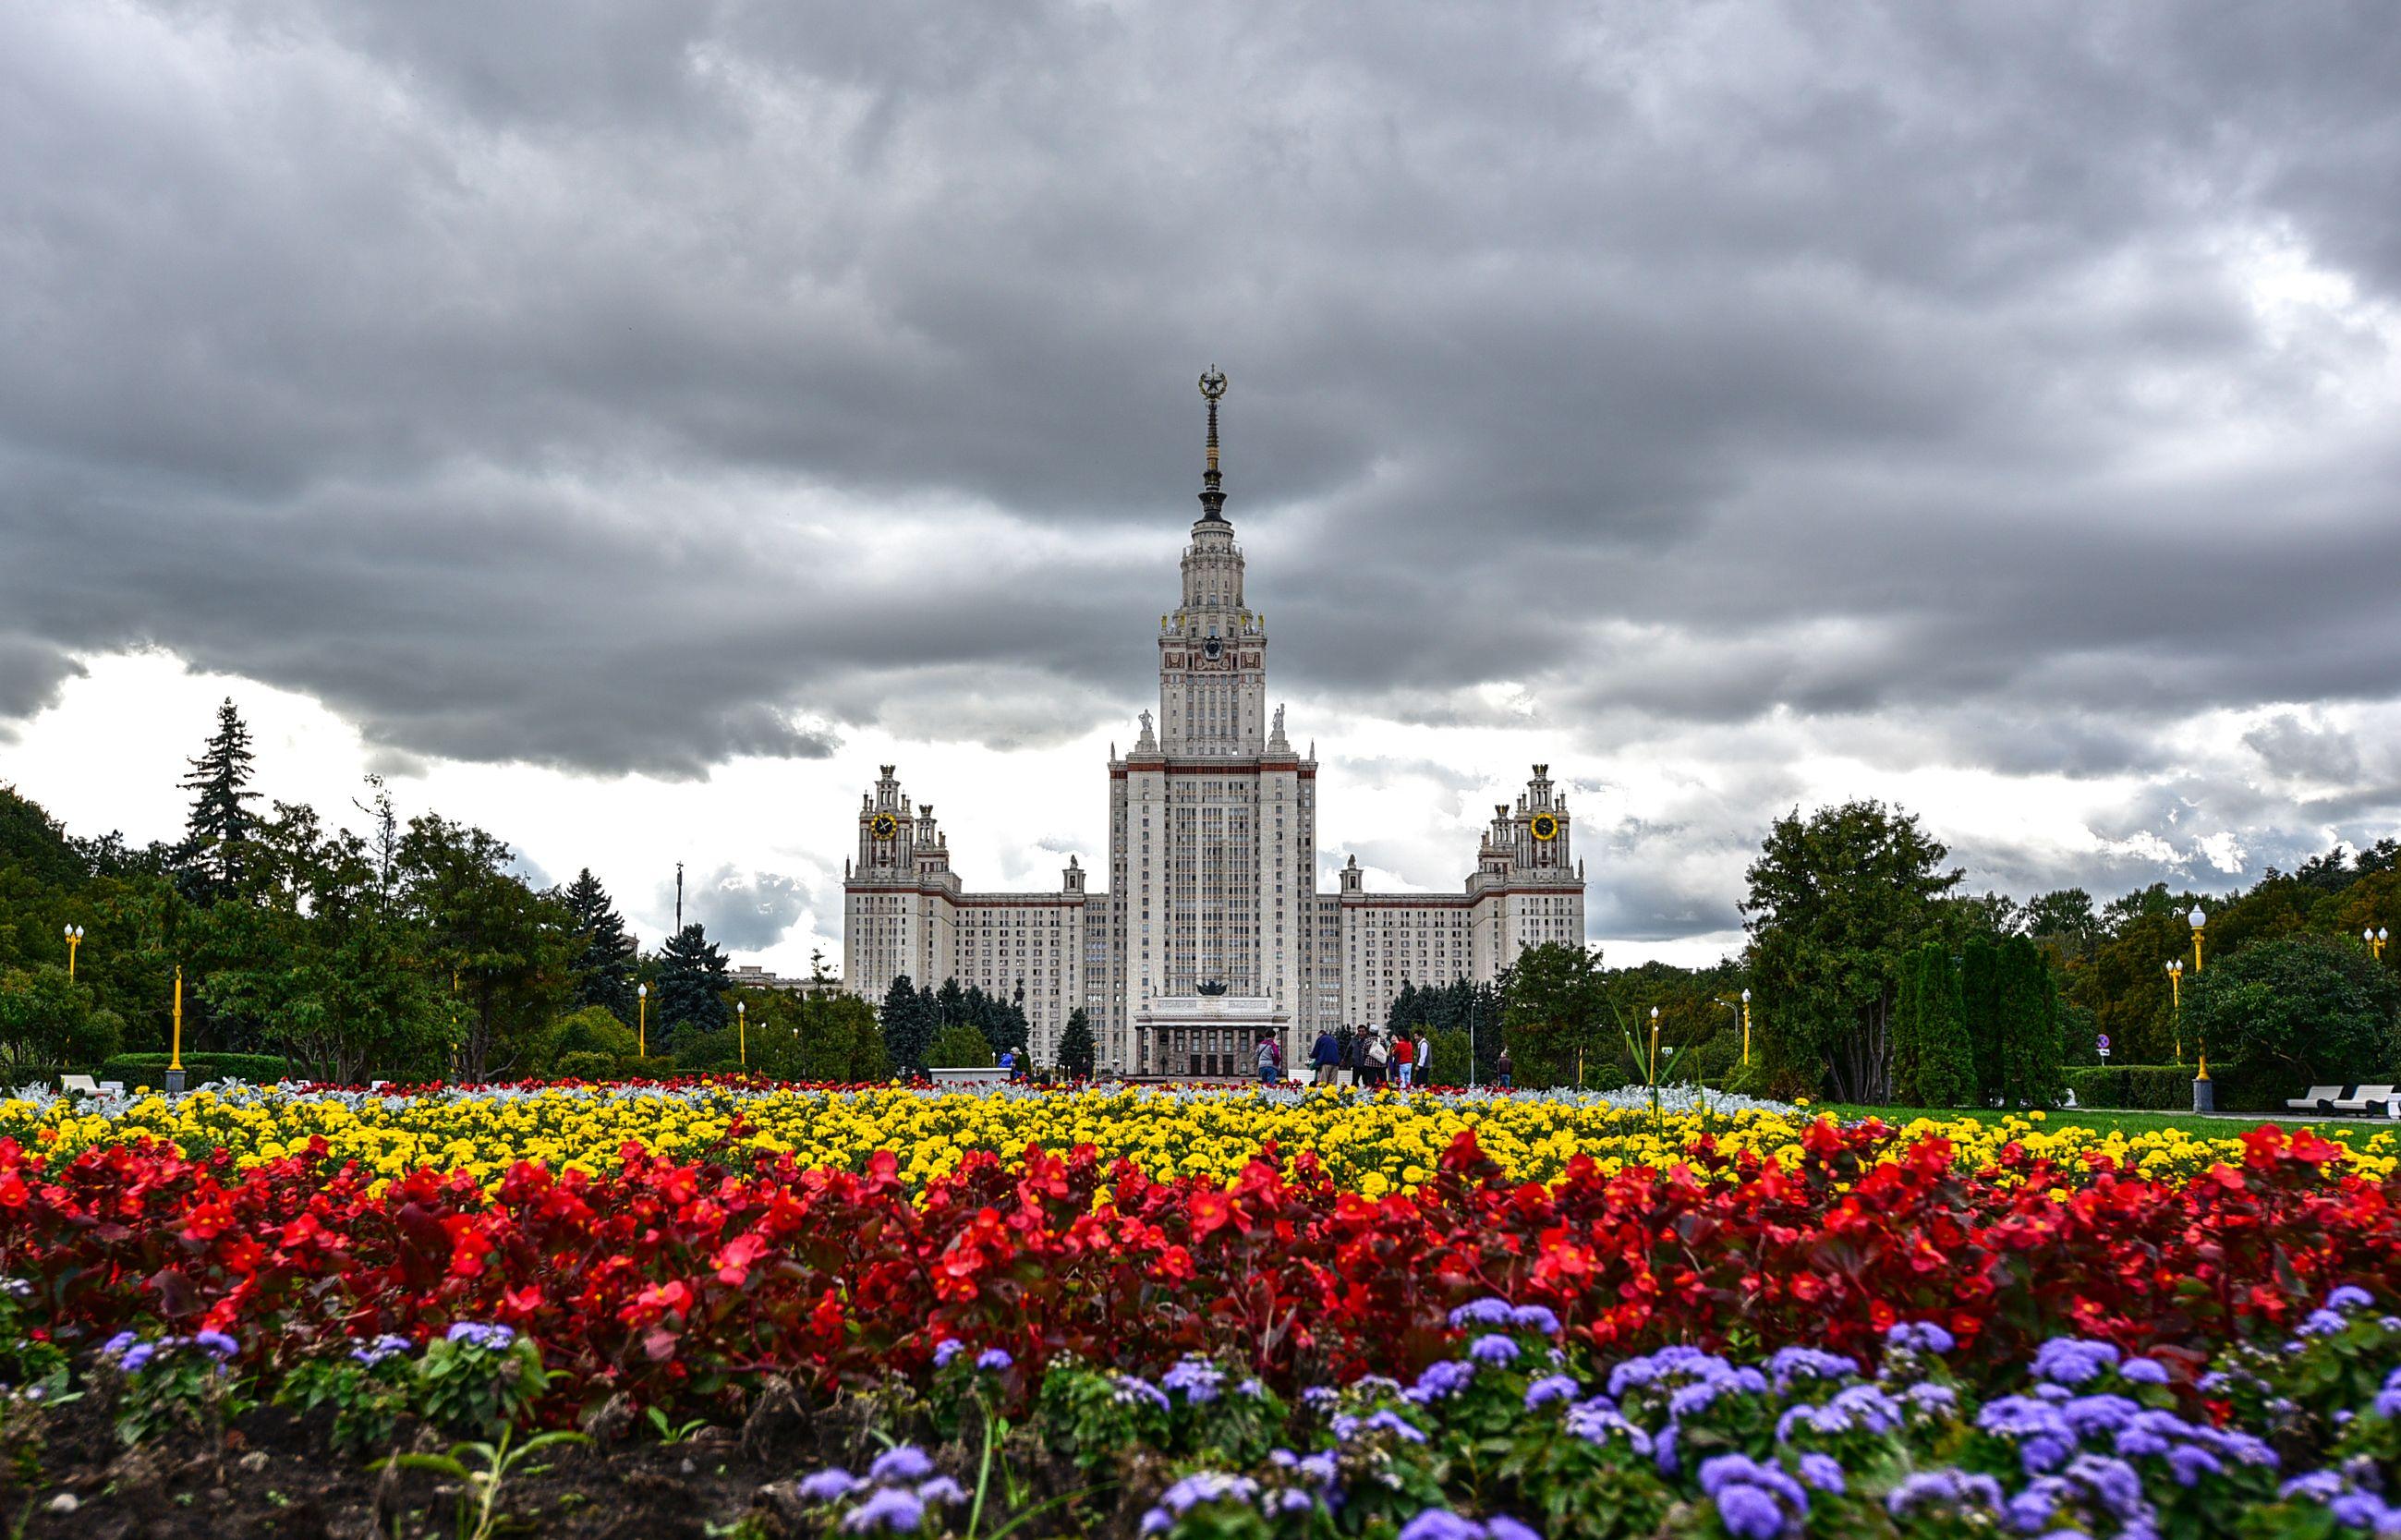 Почти 500 тысяч многолетников высадили в Москве за год